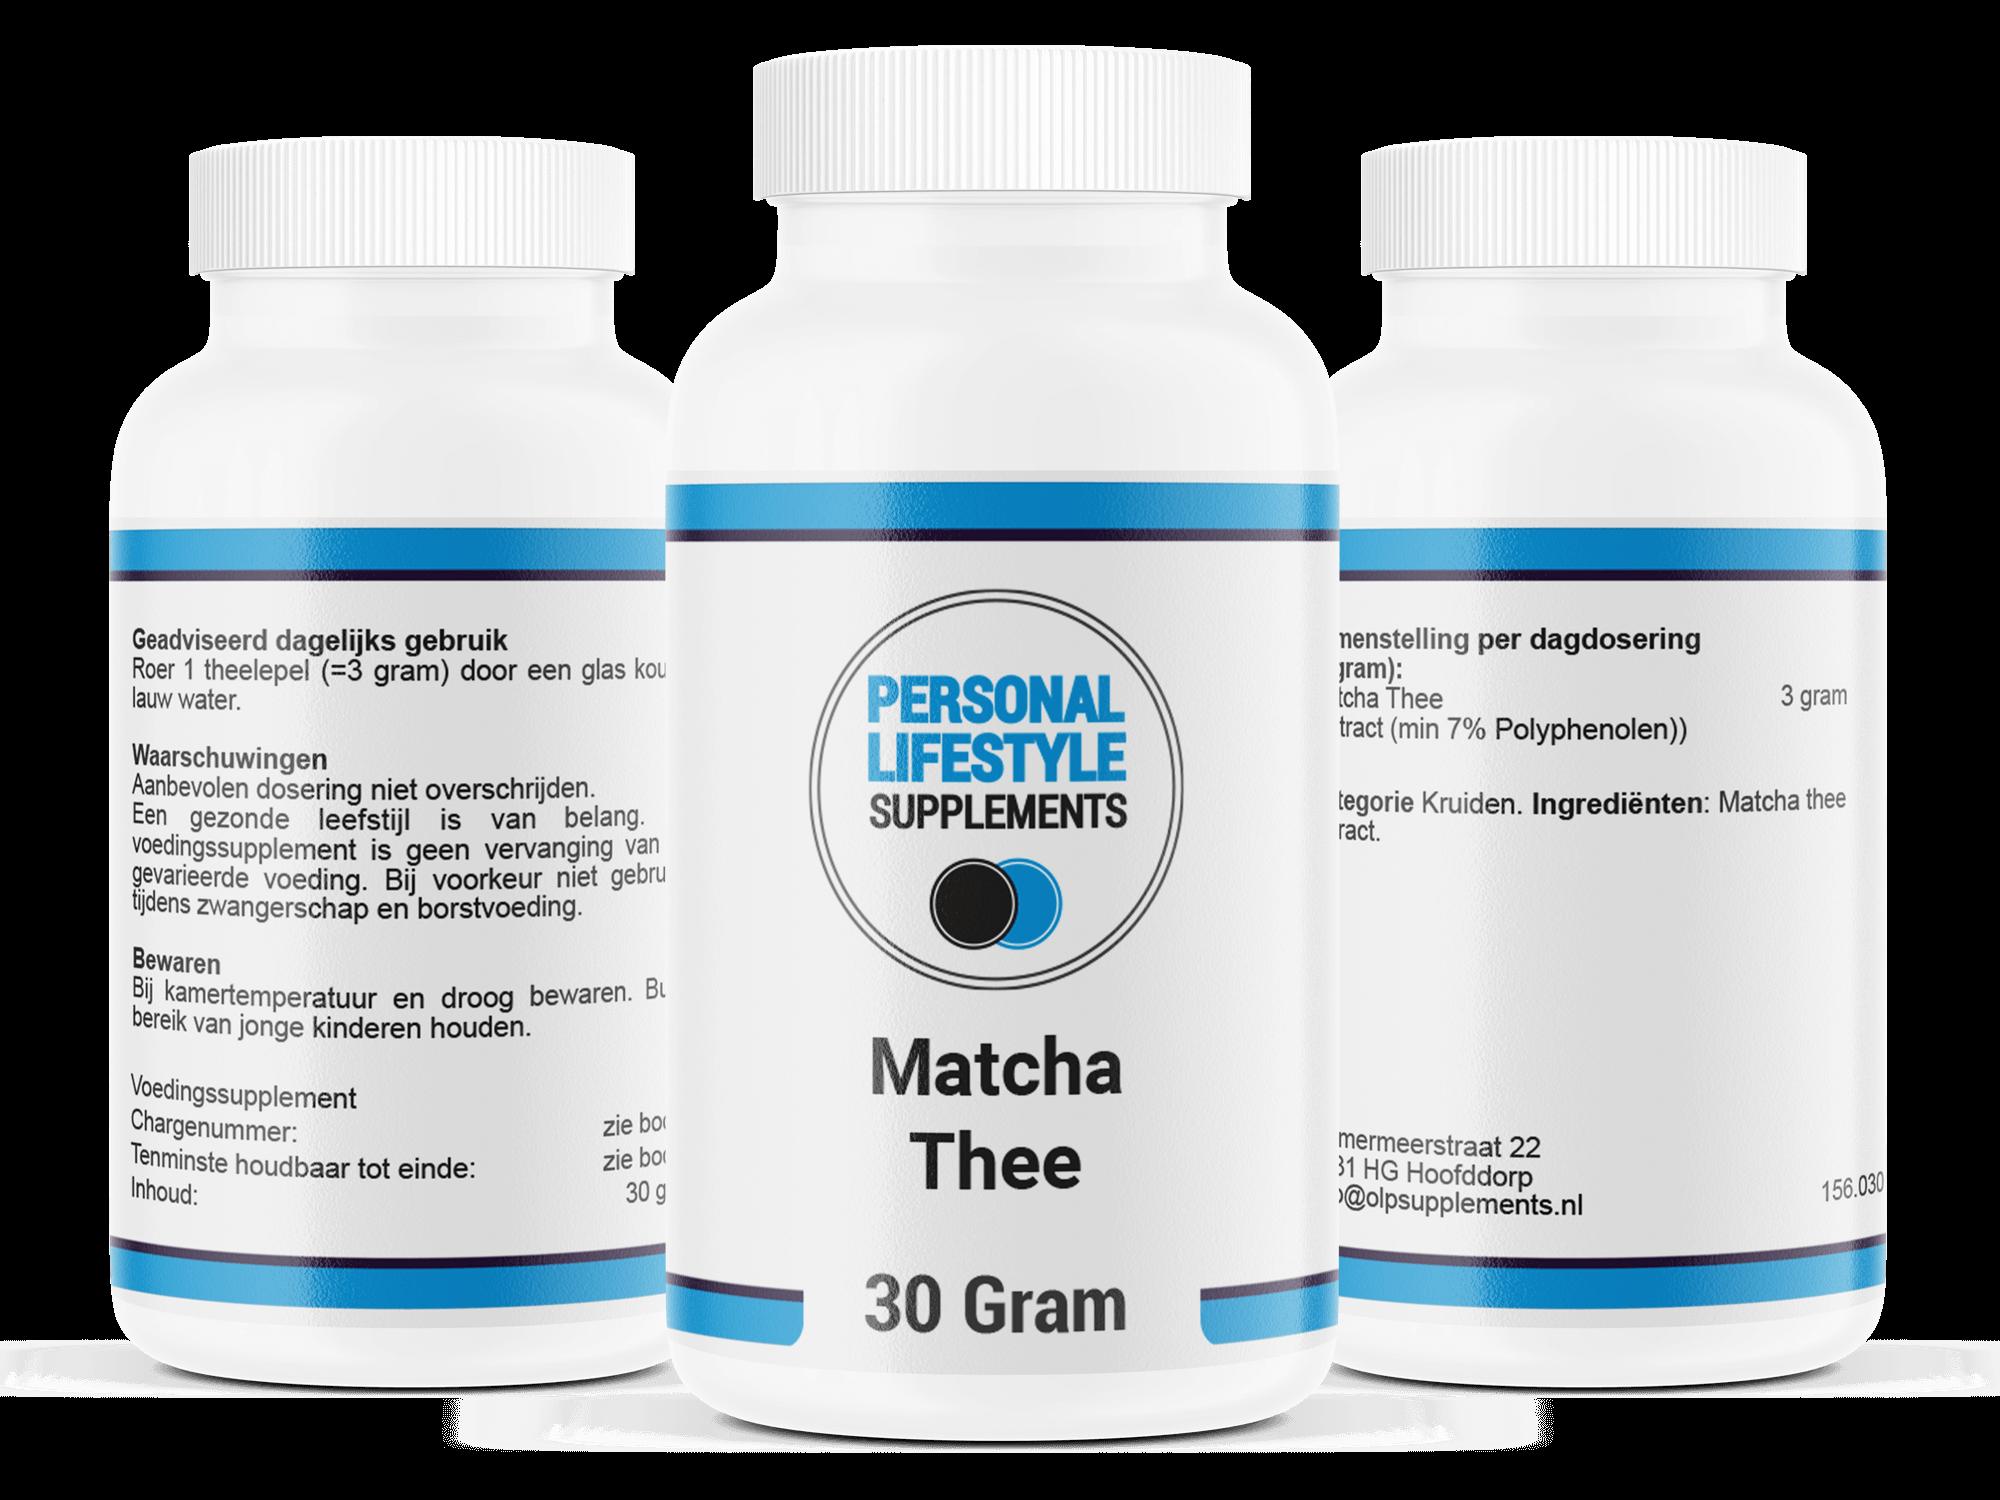 Matcha-poeder-matcha-tea-kopen-groene-thee-verschillende-gezondheidsvoordelen-afval-supplement-antioxidanten-concentratie-verbeteren